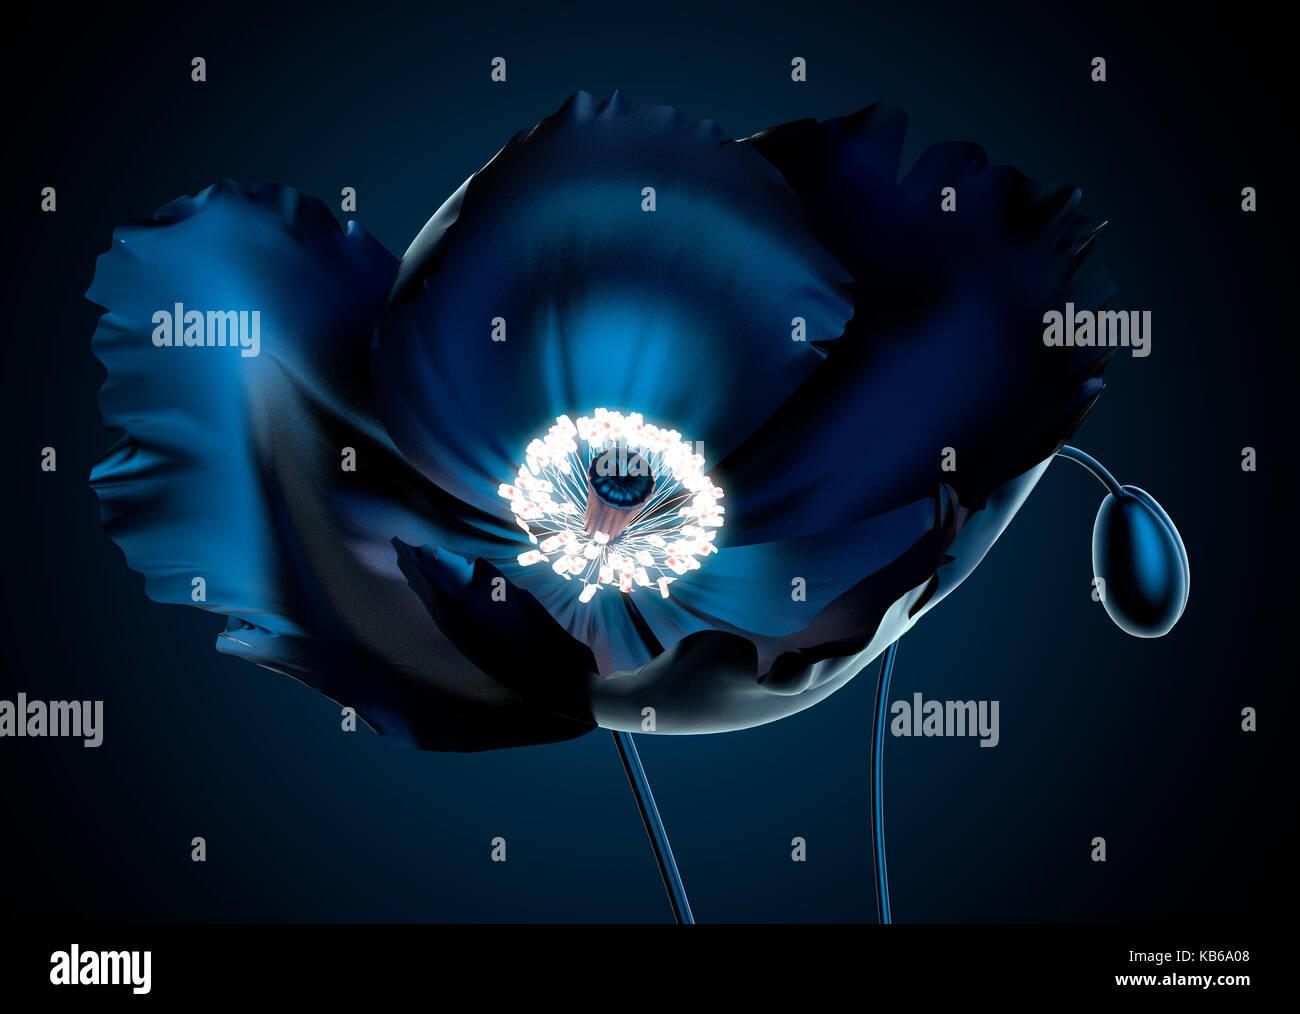 Mohn mit Strahlen Staubblatt, dass die Blume aufleuchten, die 3D-Darstellung Stockbild